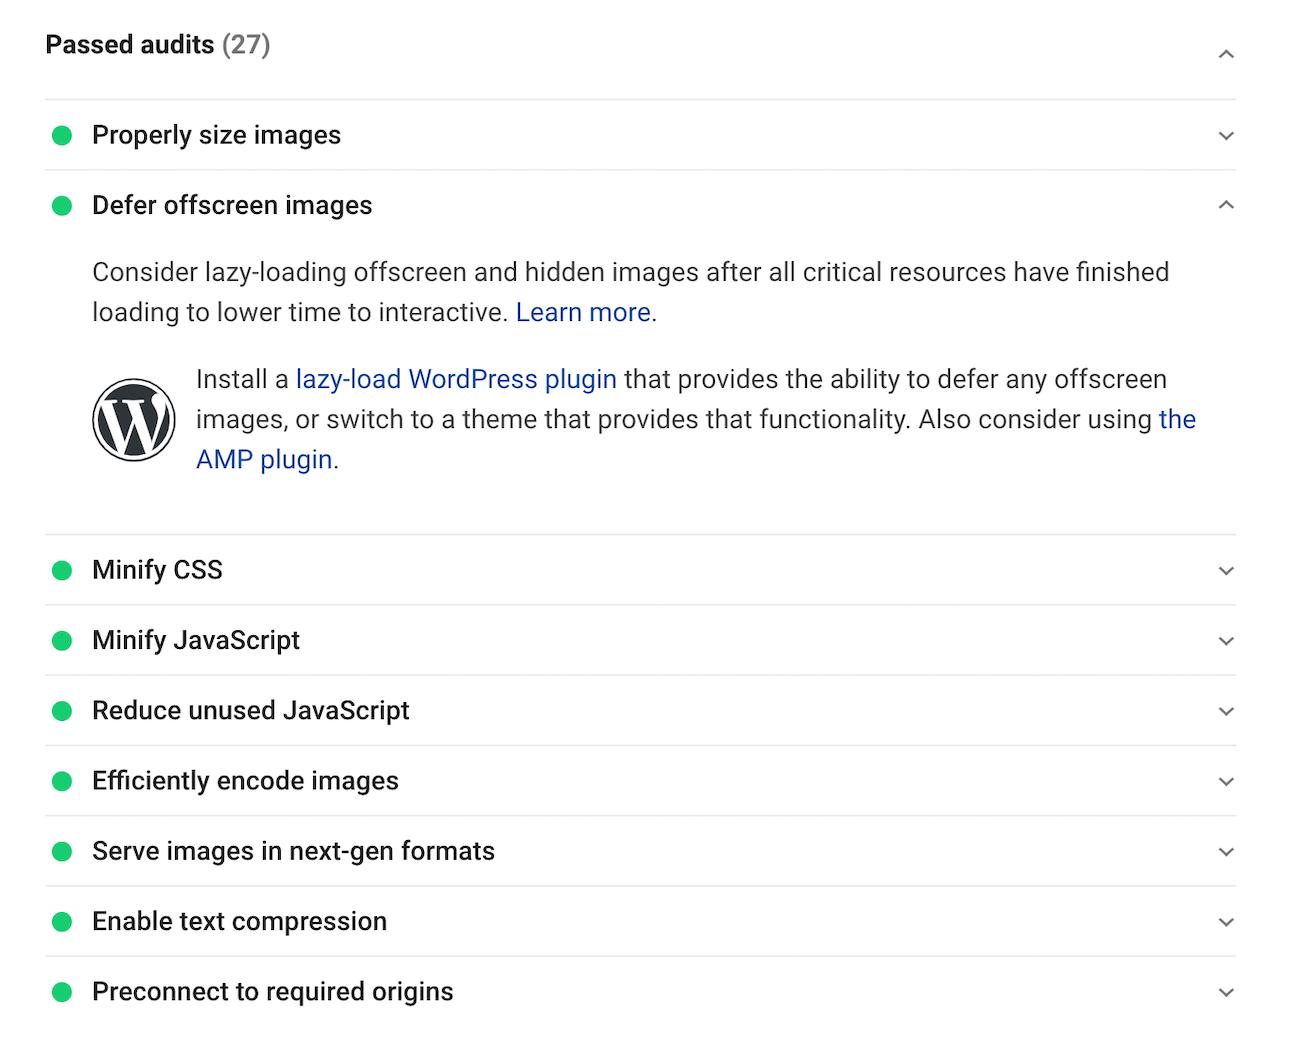 Fix defer offscreen images